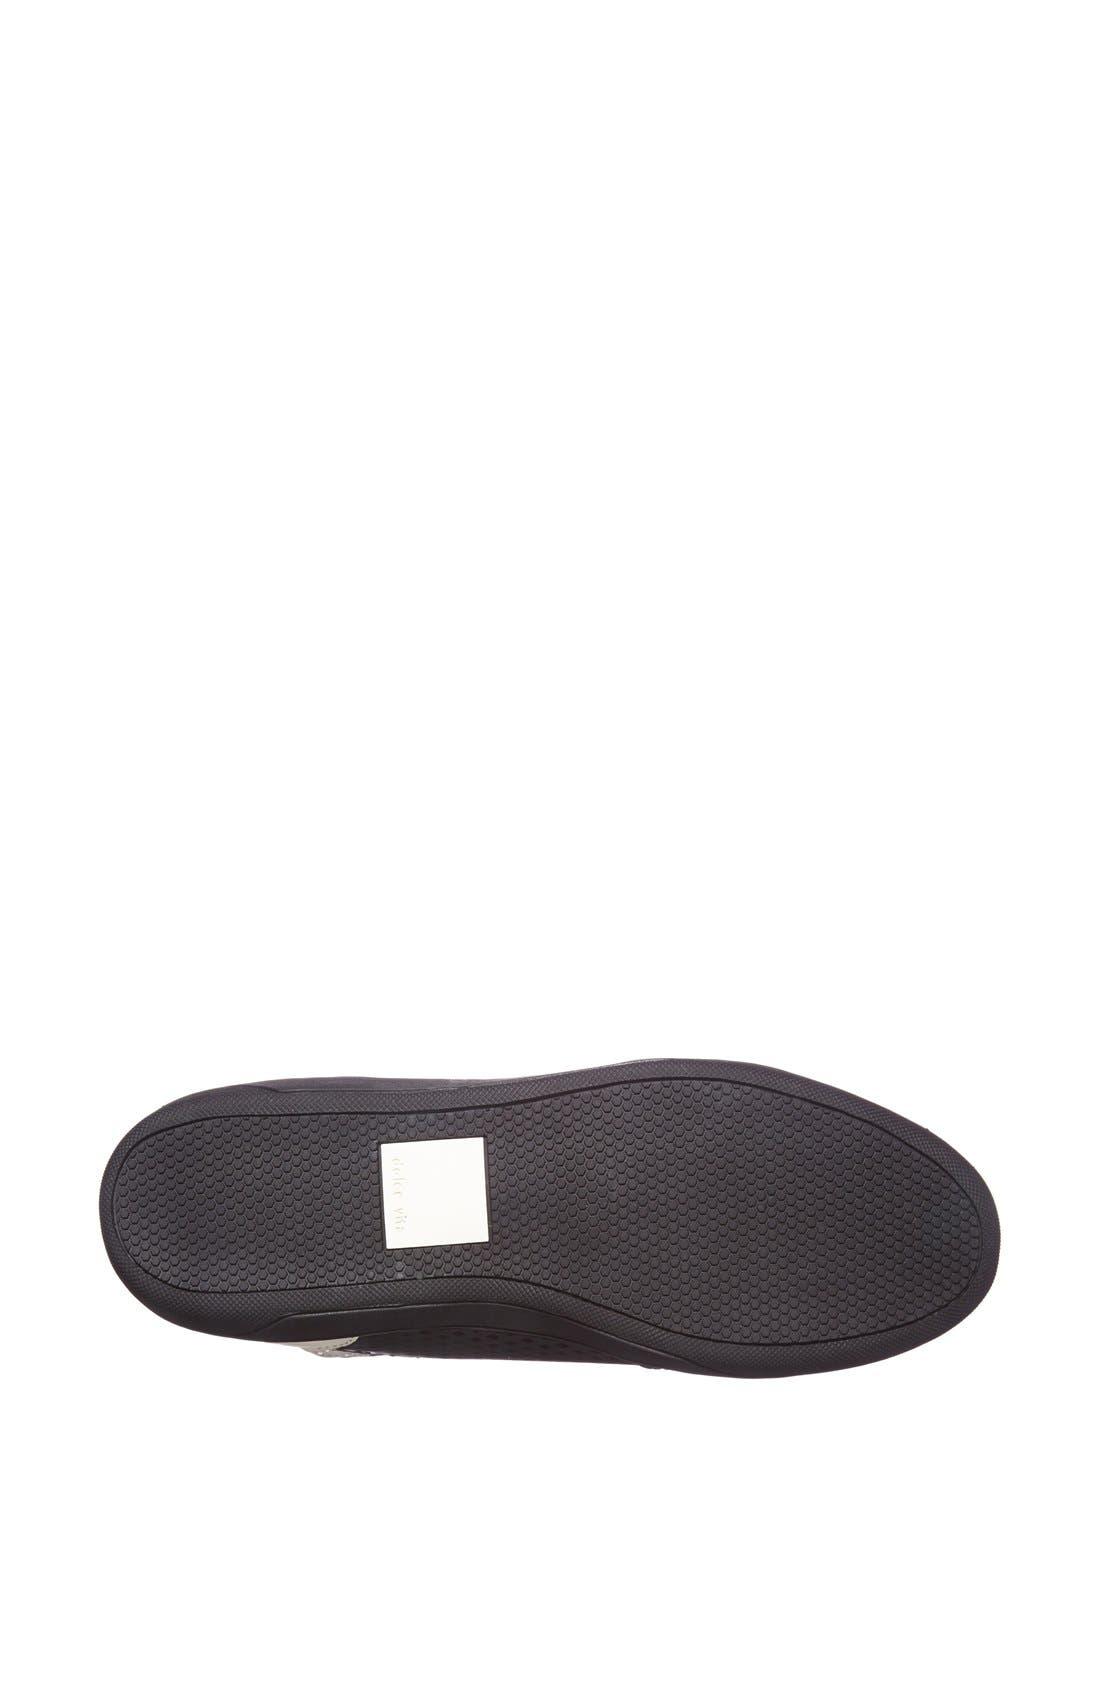 Alternate Image 4  - Dolce Vita 'Vinna' Sneaker